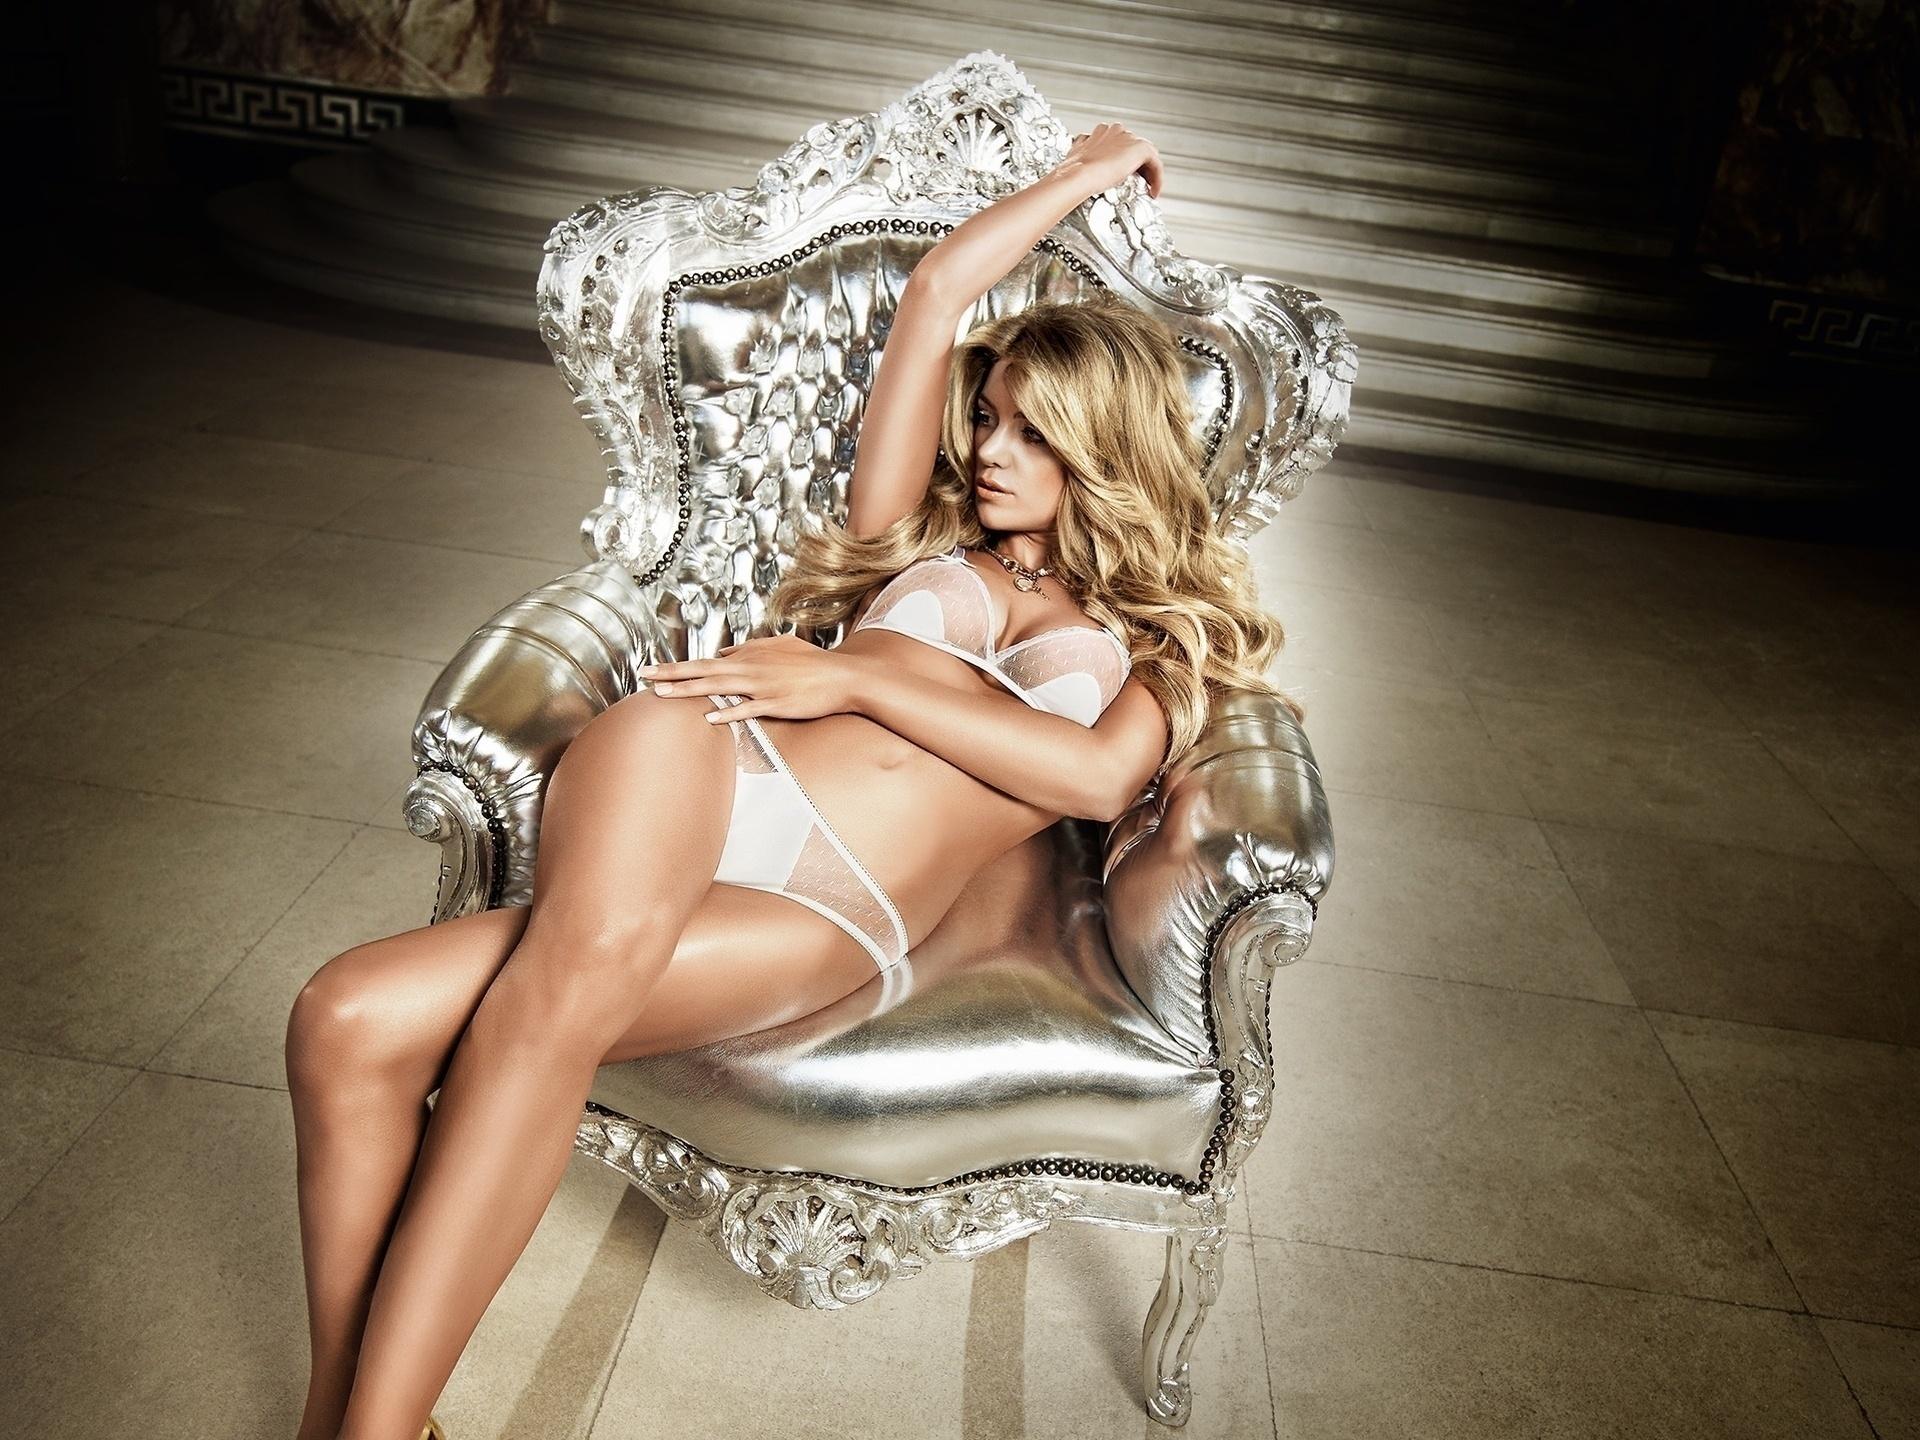 Фото блондинок в кресле 7 фотография